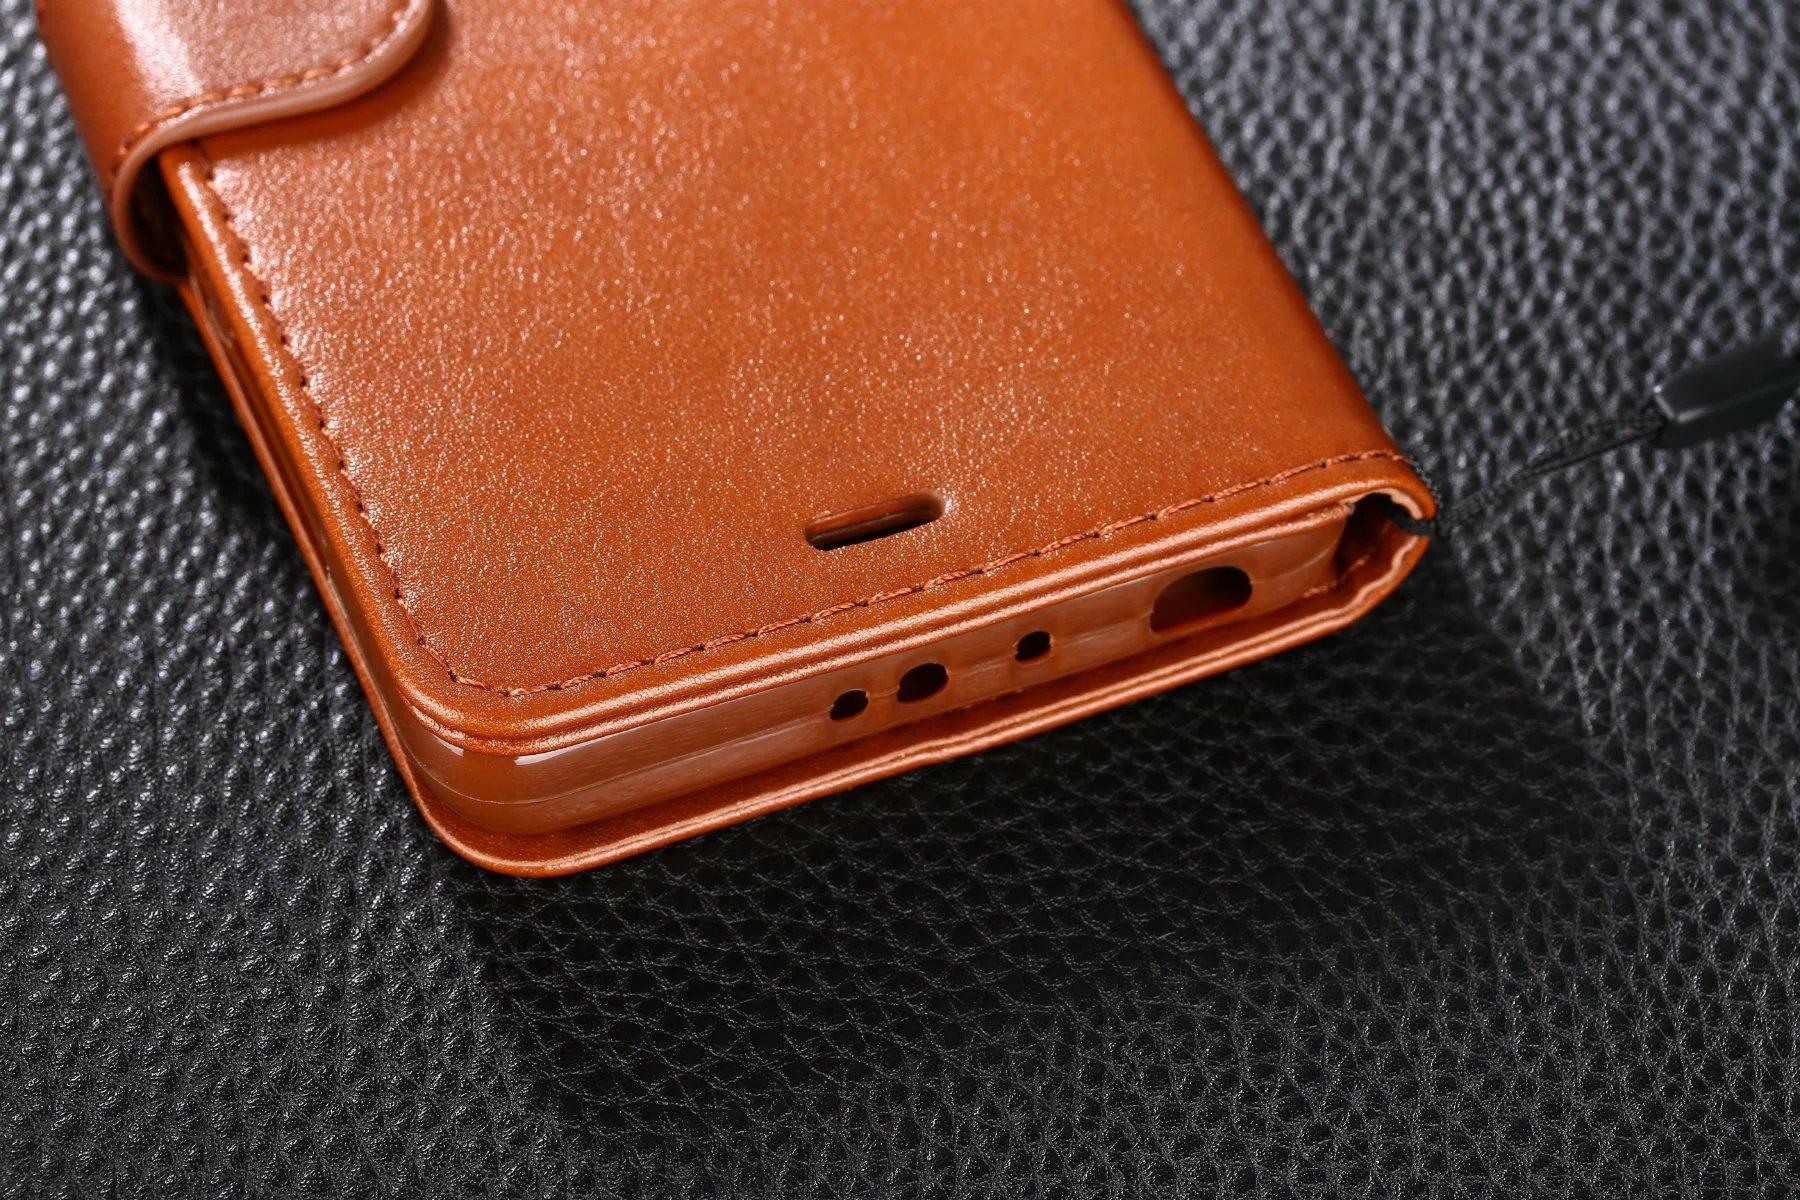 Luksusowy portfel case dla xiaomi redmi 4 pro redmi 4 książka klapki pokrywa pu leather stań torby telefonów pokrowce na xiaomi redmi 4 pro 16